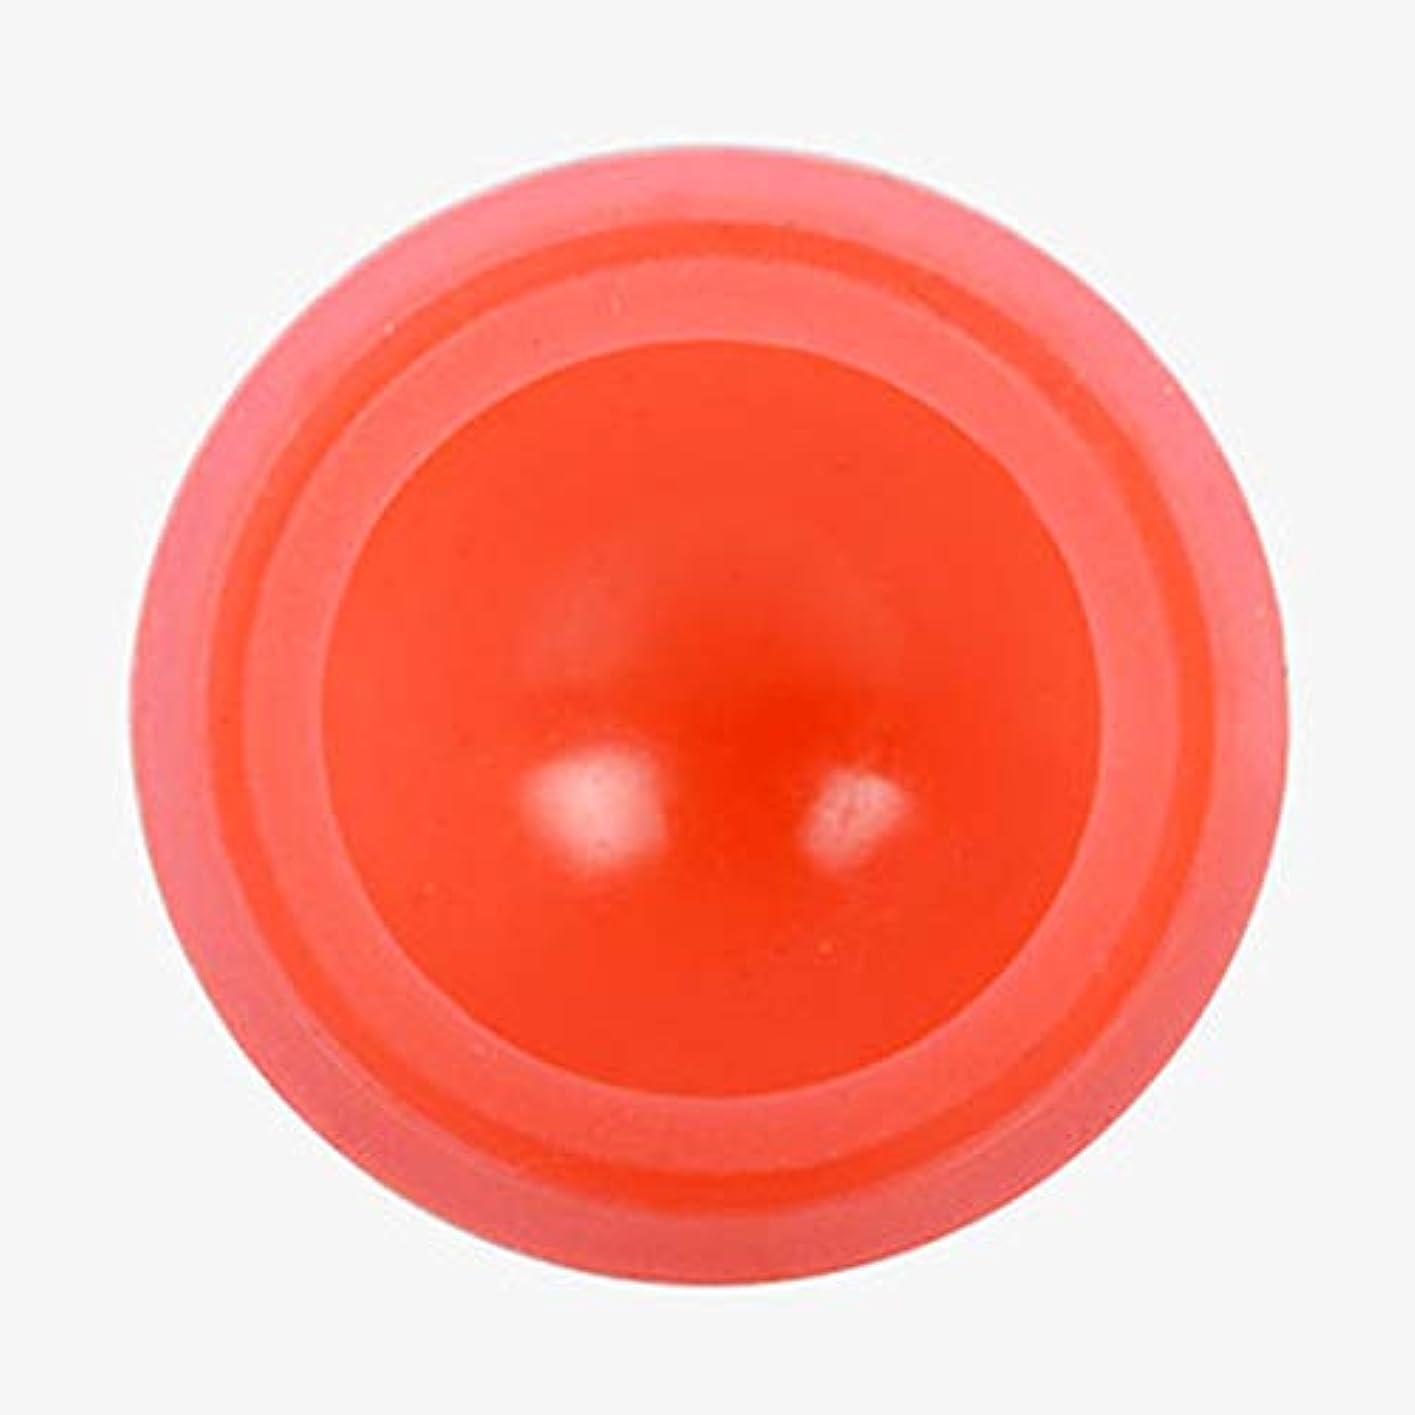 集中的なキャロラインスラックマッサージカッピング カッピング シリコンカッピング 吸い玉 真空セラピー 脂肪吸引 康祝 関節と筋肉痛救済 セルライト治療,オレンジ色